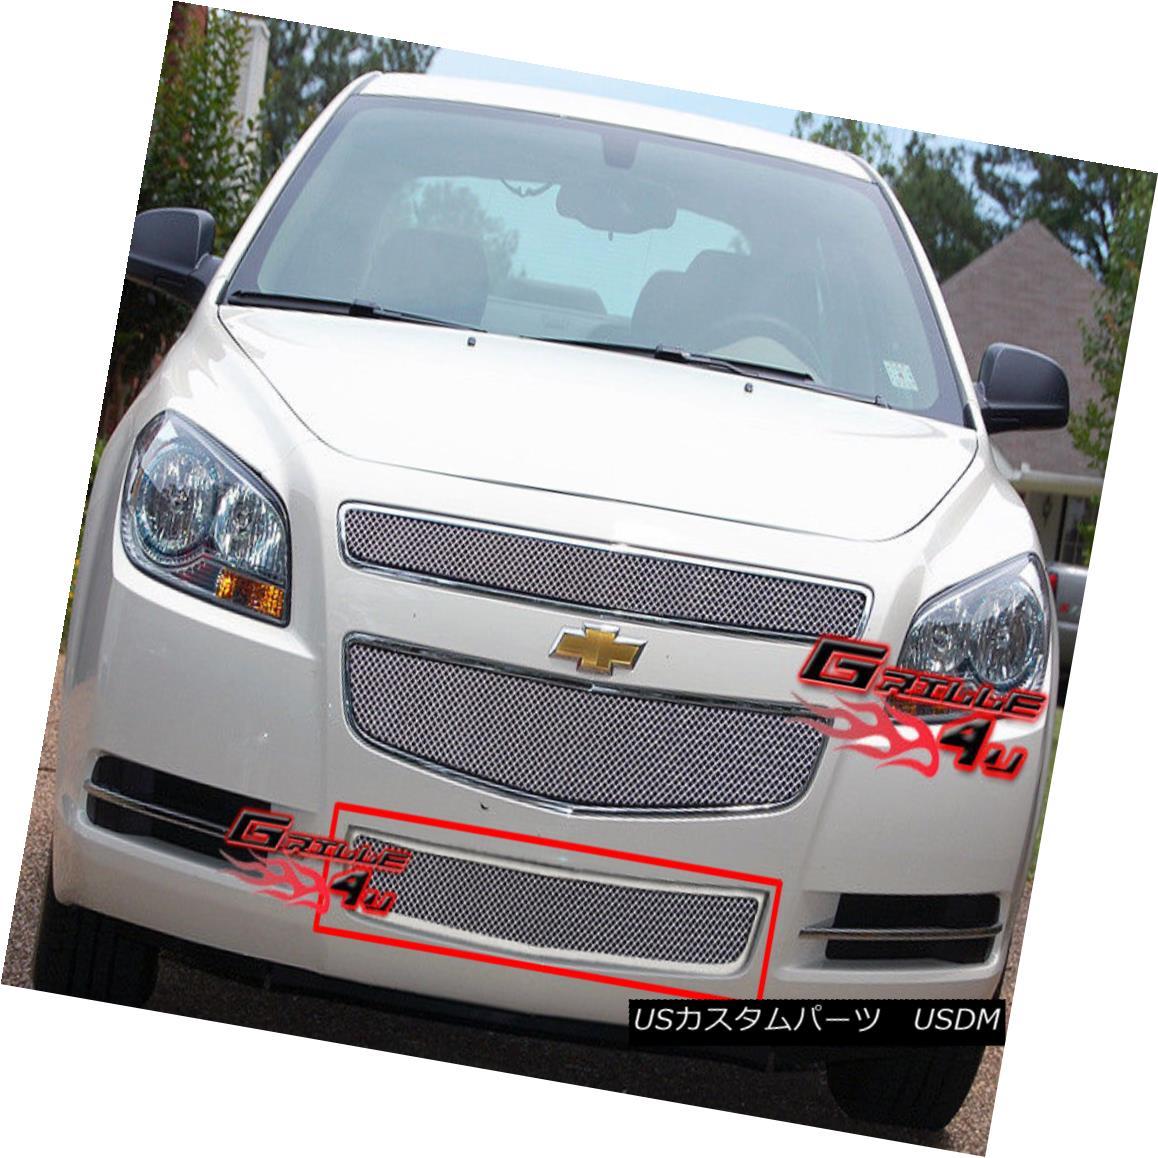 グリル Fits 2008-2012 Chevy Malibu Lower Bumper Stainless Steel Mesh Grille Insert フィット2008-2012シボレーマリブロワーバンパーステンレスメッシュグリルインサート